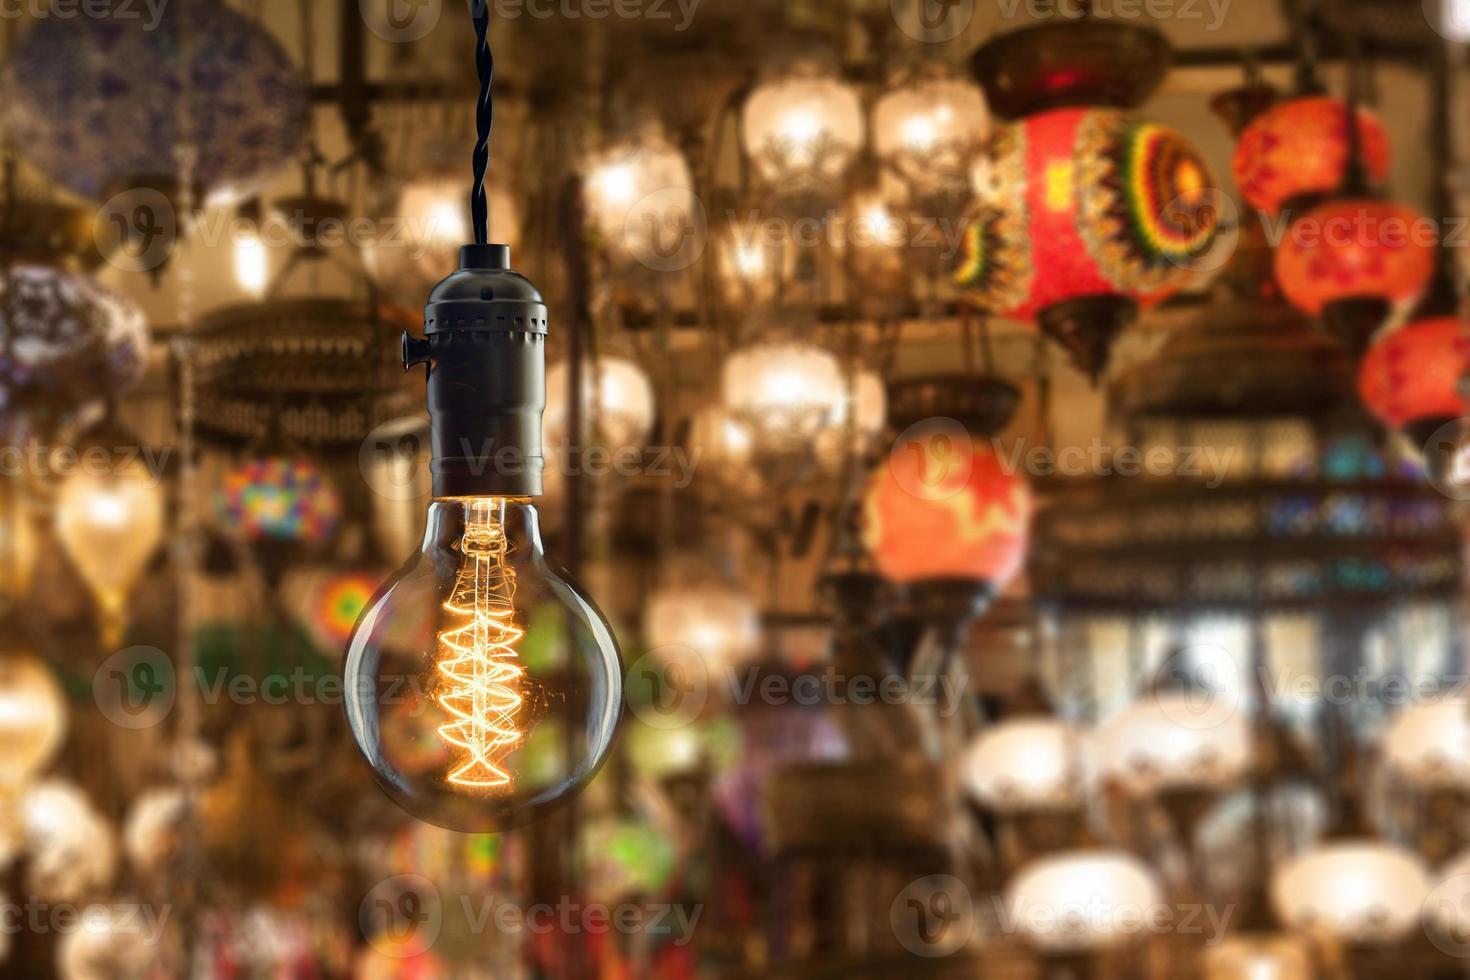 Vintage Glühlampe auf dem Markt für Lichtgeräte in Istanbul foto